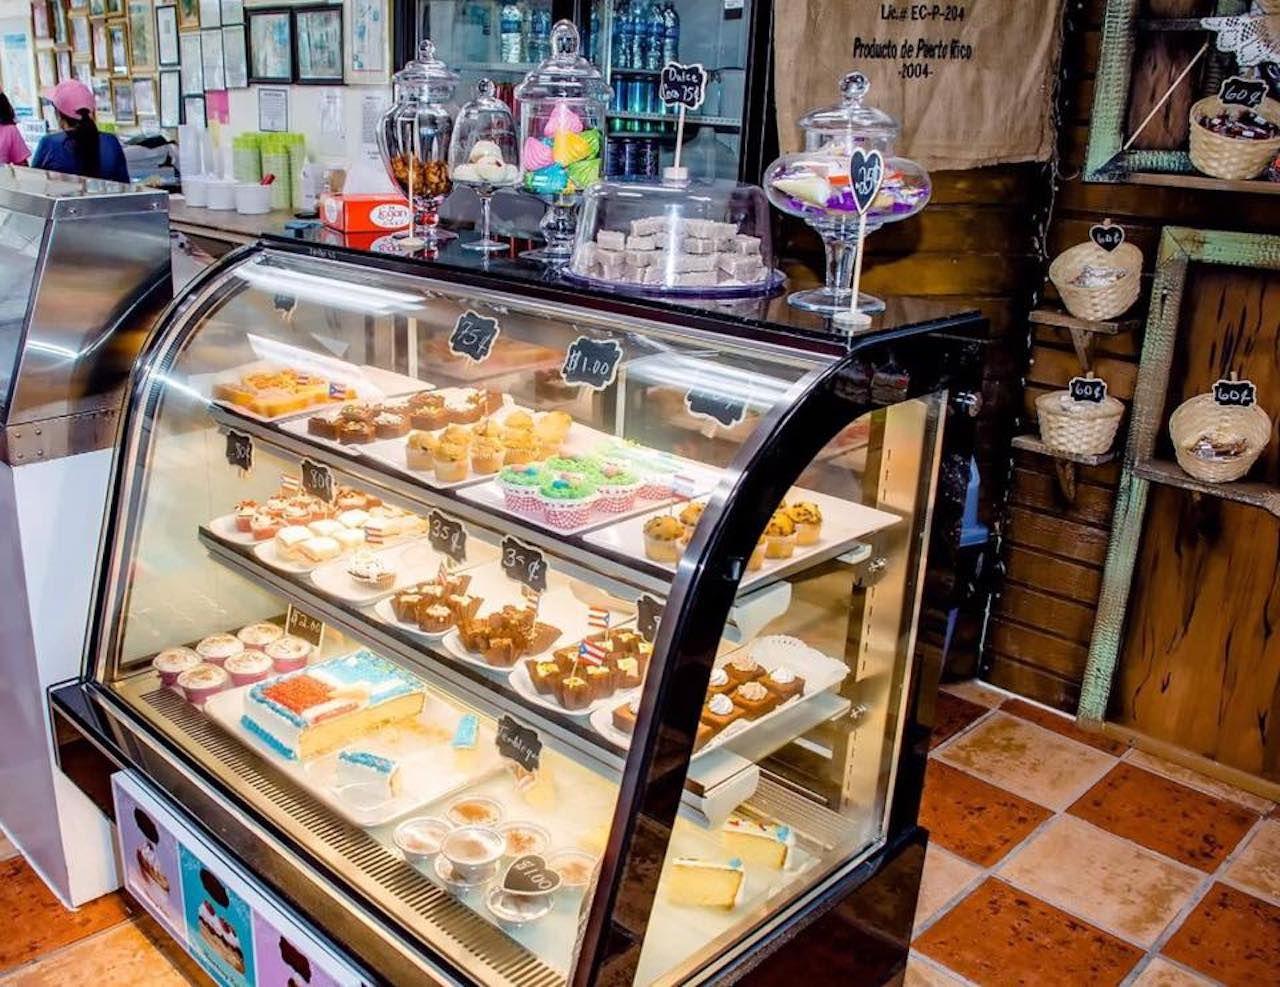 Heladeria Lares ice cream parlor interior